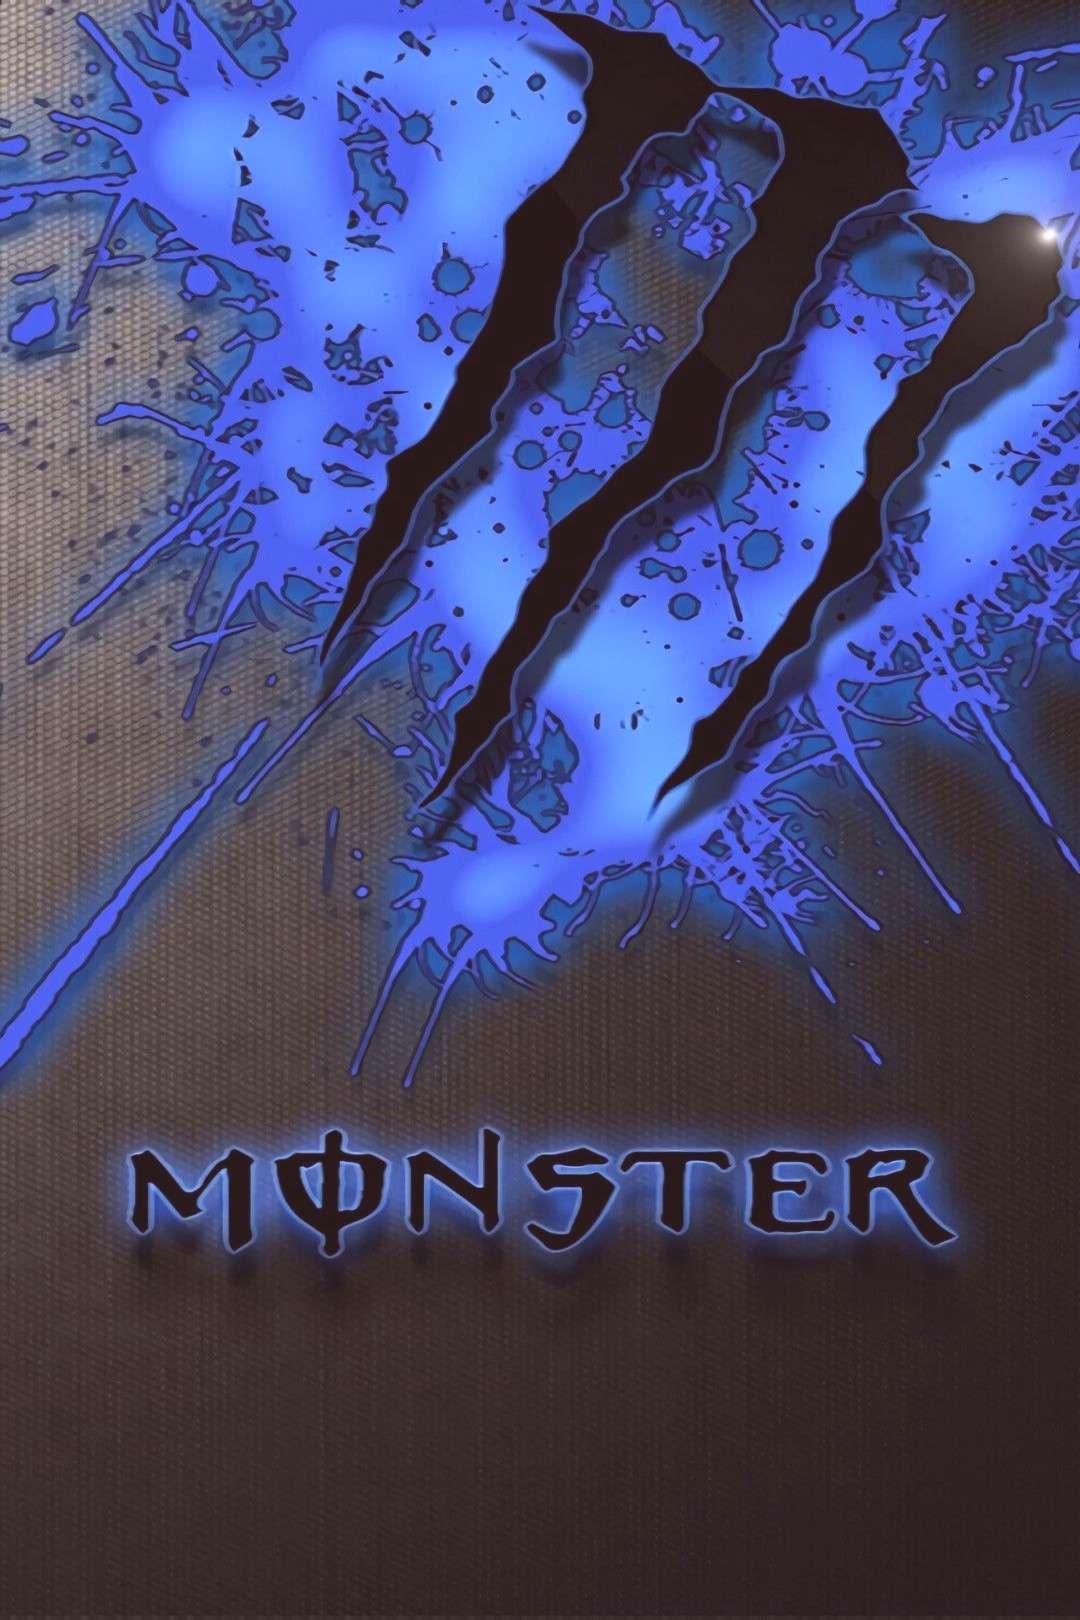 Monster Energi In 2020 Monster Energy Monster Energy Girls Monster Energy Drink